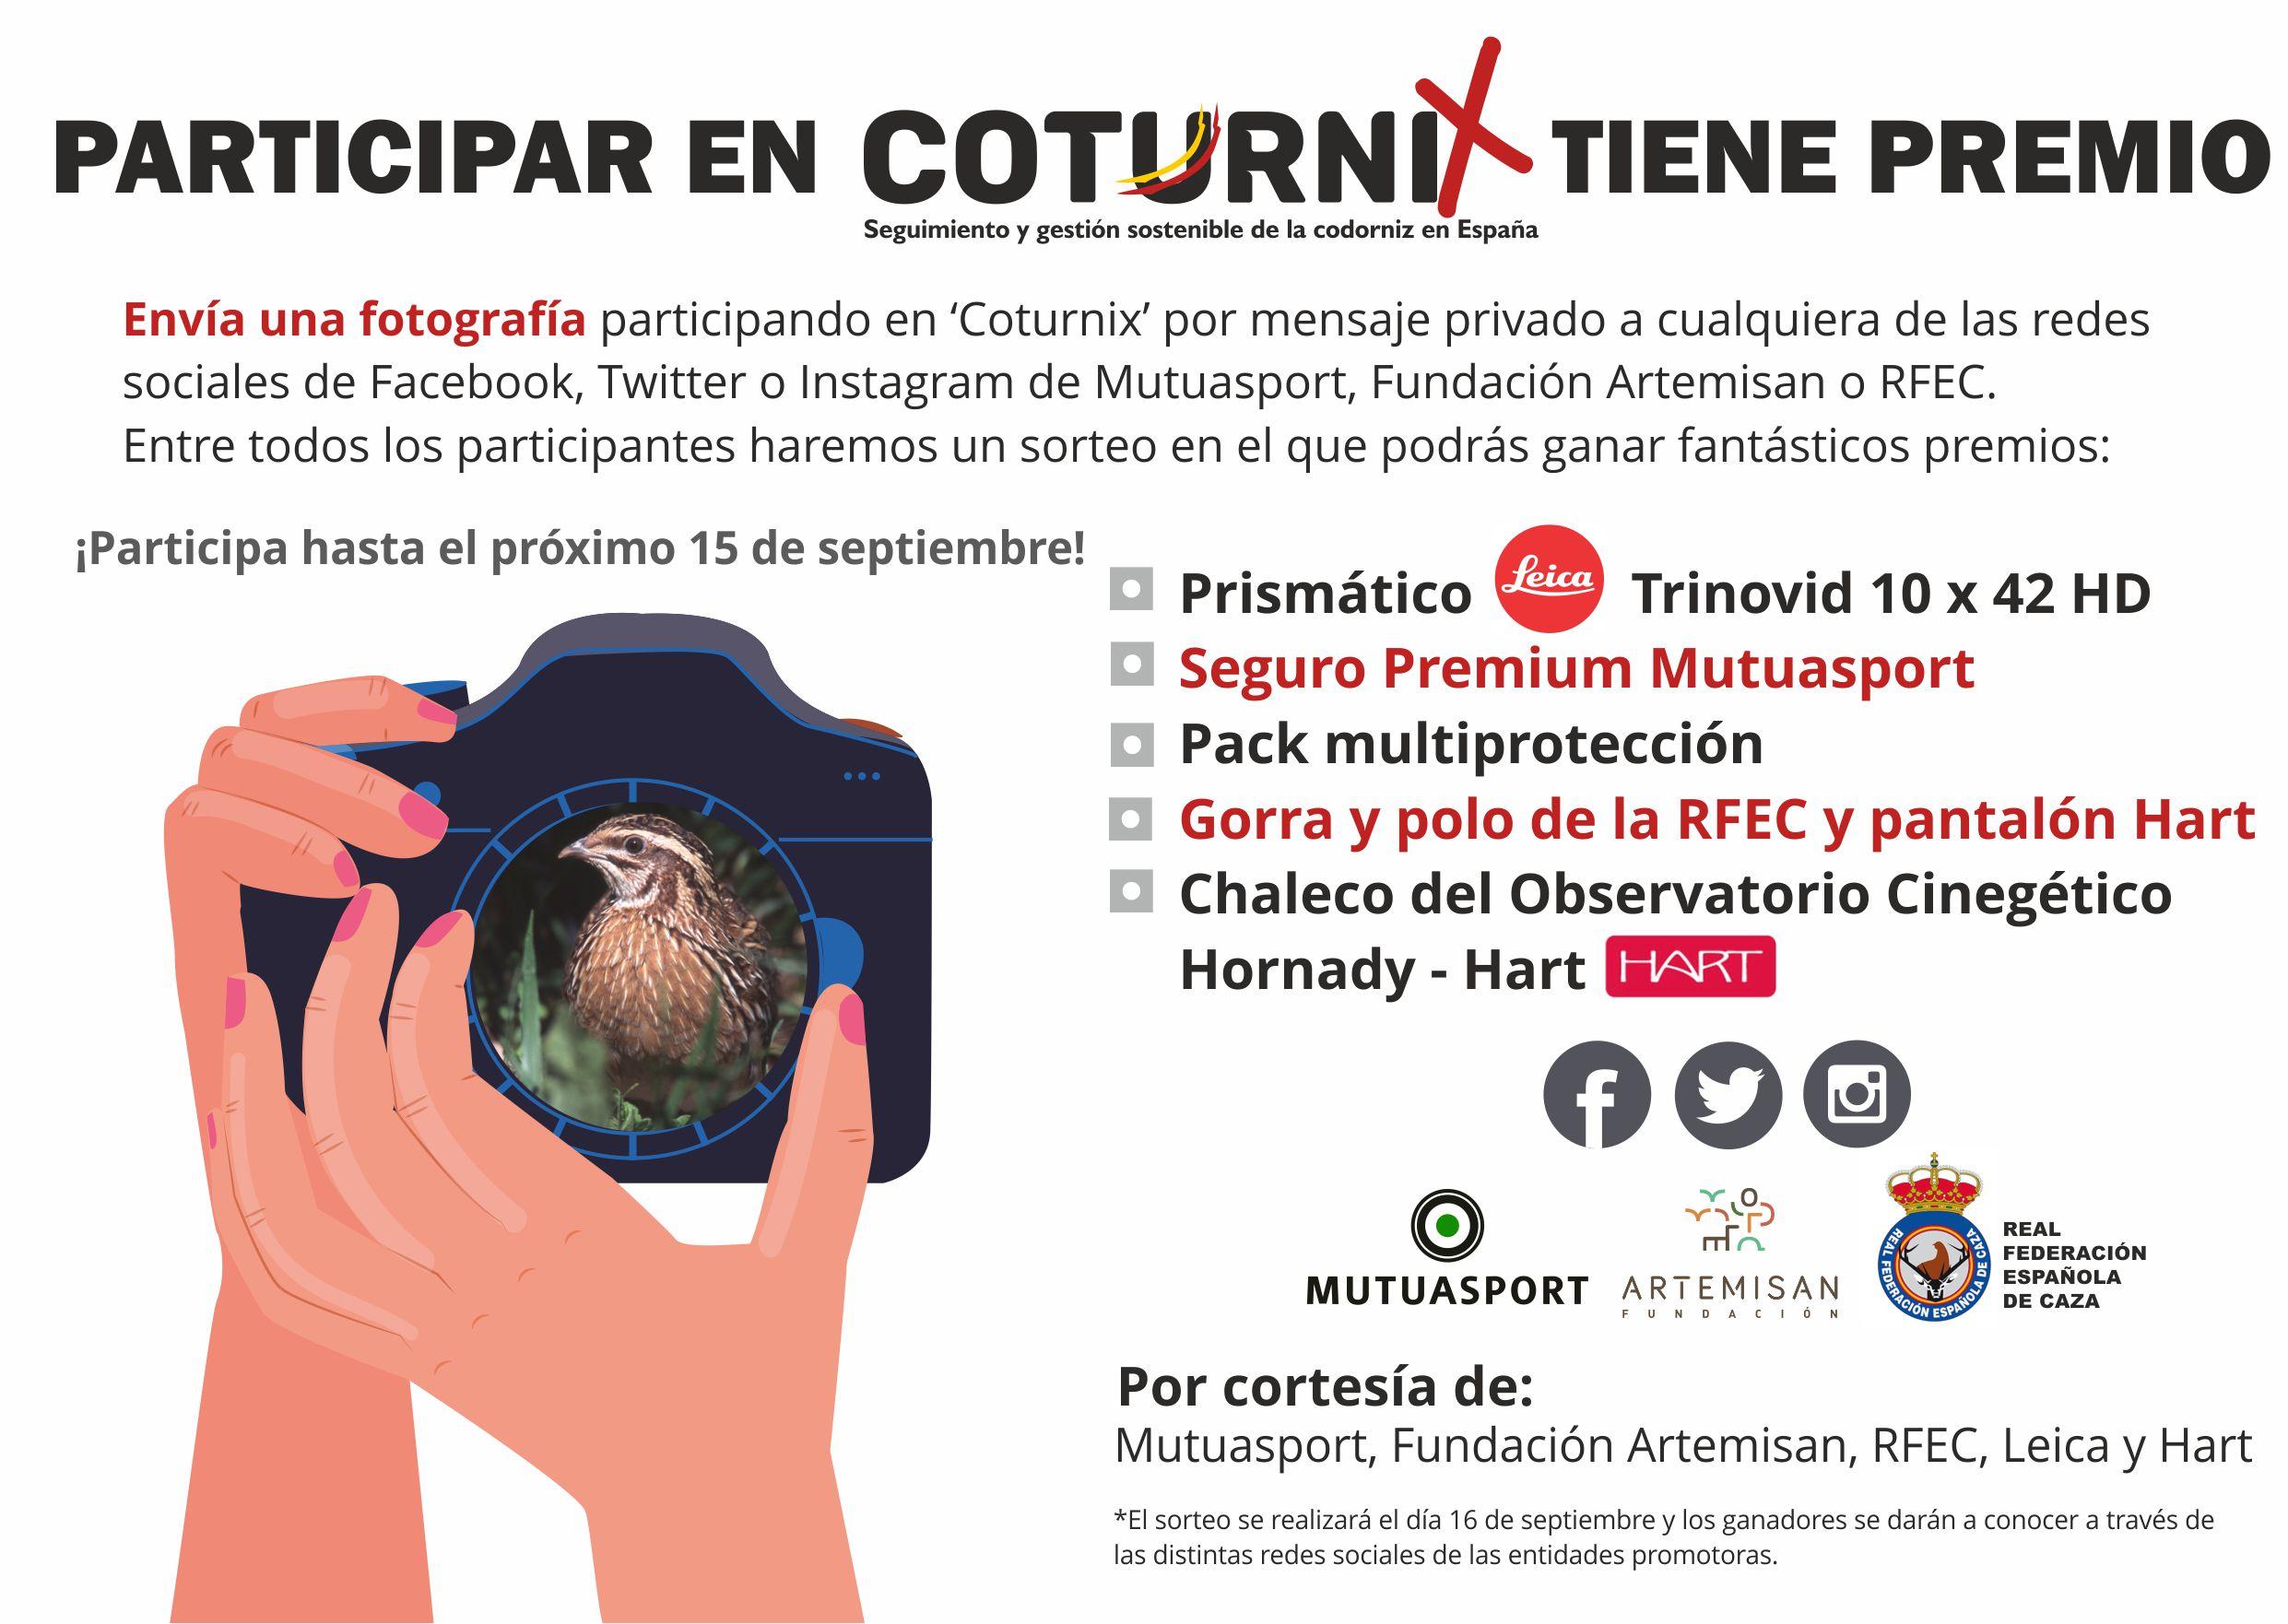 Sorteo Participar en COTURNIX tiene premio